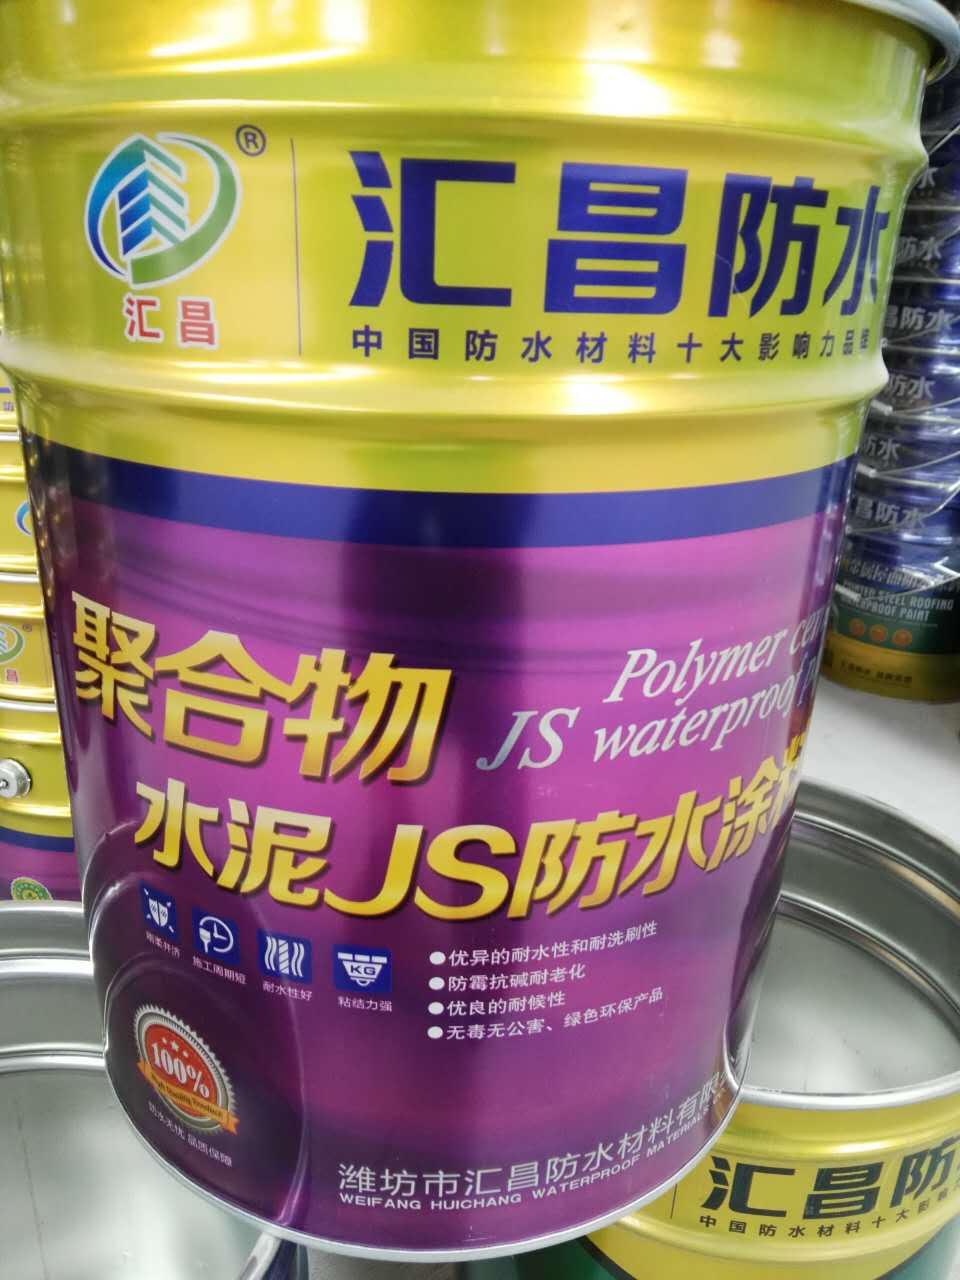 高质量的JS防水涂料大量出售,水性防水涂料批发商